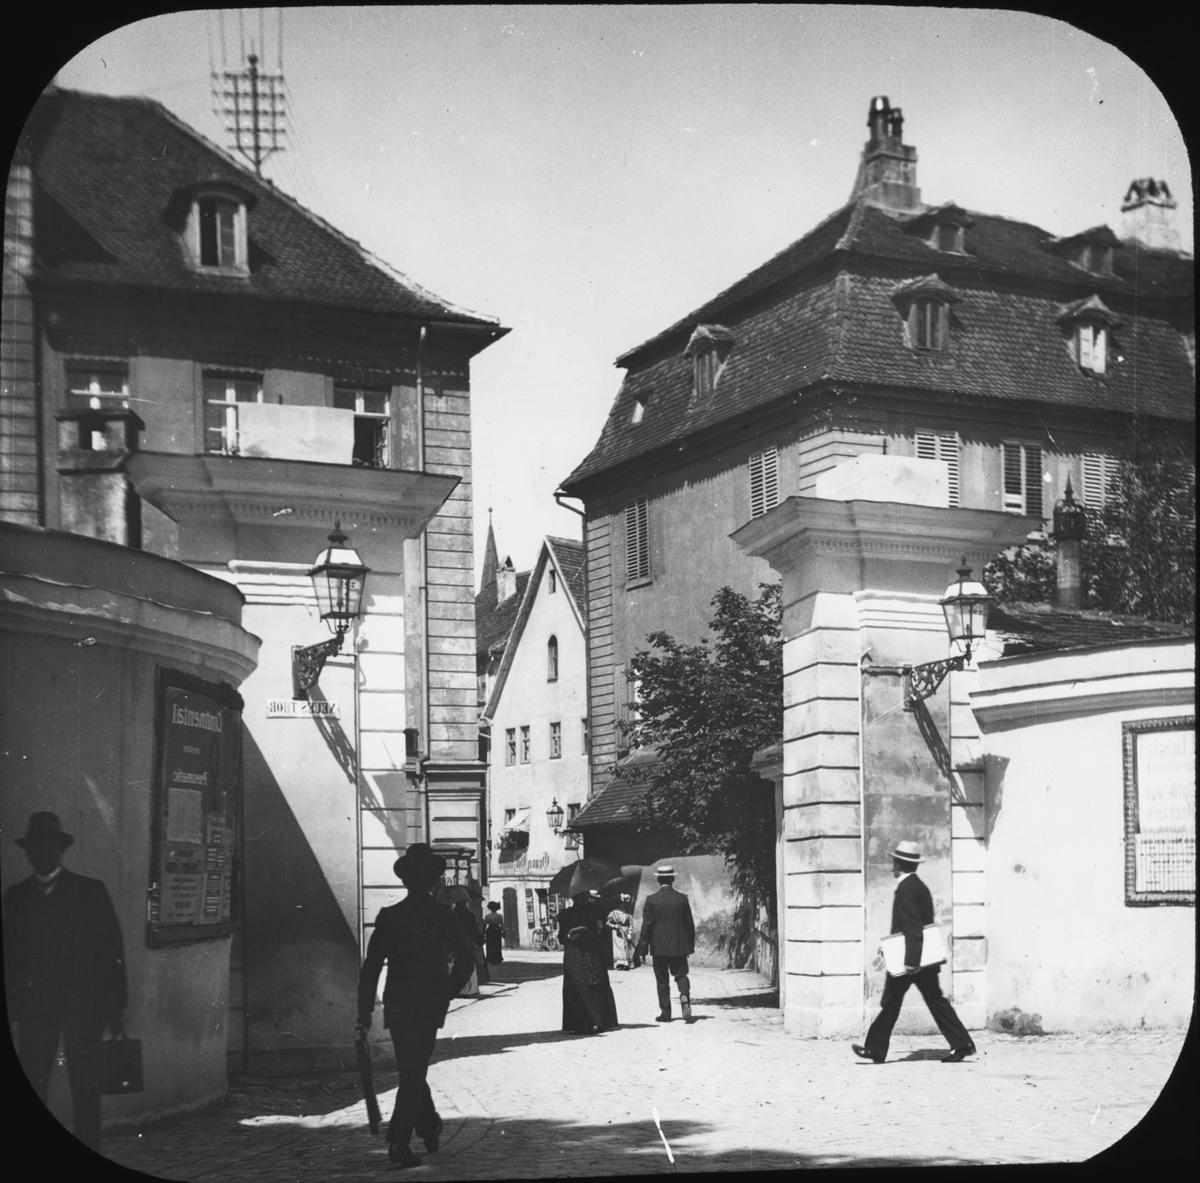 """Skioptikonbild med motiv från Ansbach. Bilden har förvarats i kartong märkt: Resan 1904. Rehnvandring. Oberwesel. Text på bild: """"Ansbach 1910""""."""